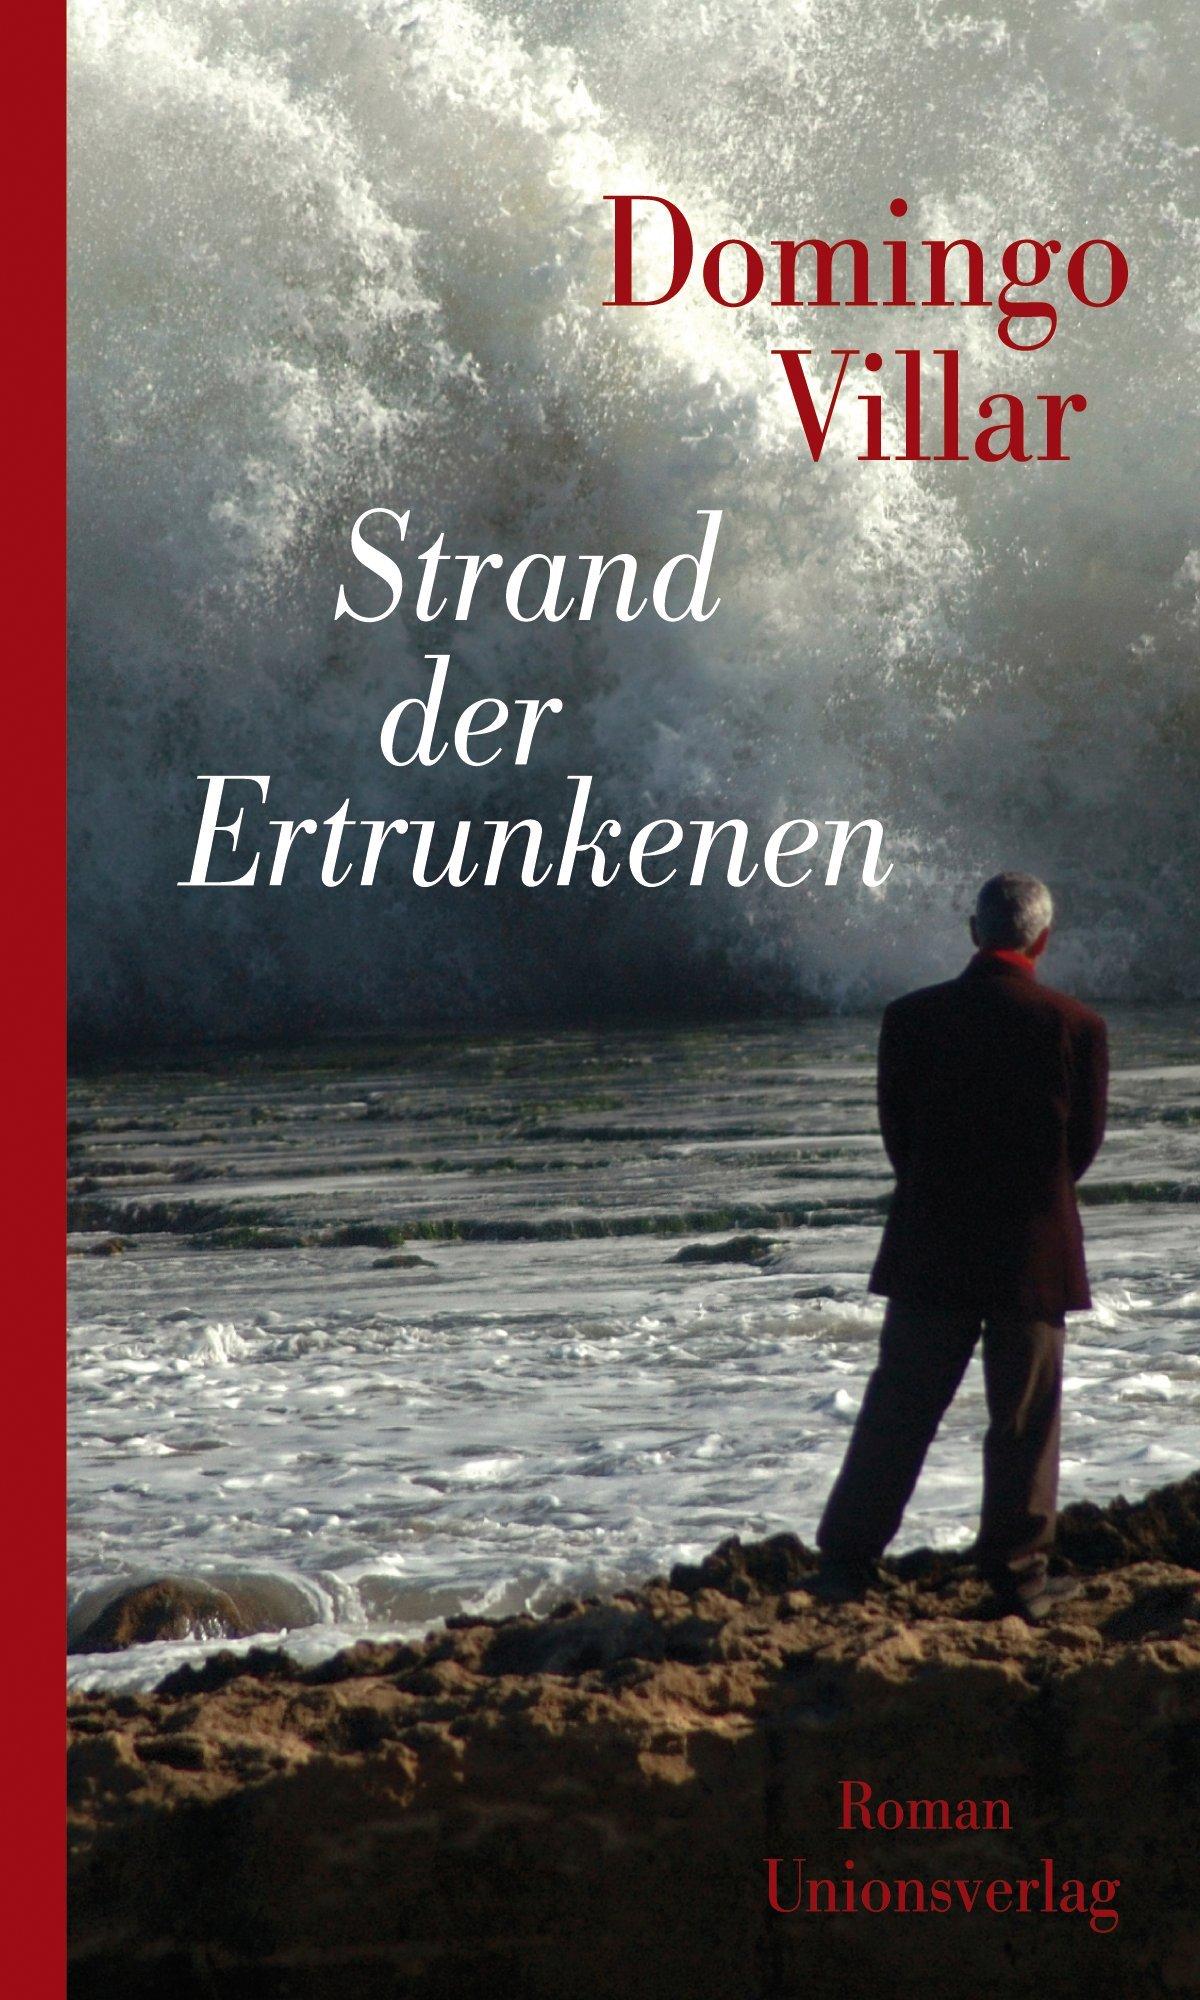 Strand der Ertrunkenen: Amazon.es: Domingo Villar, Carsten Regling: Libros  en idiomas extranjeros